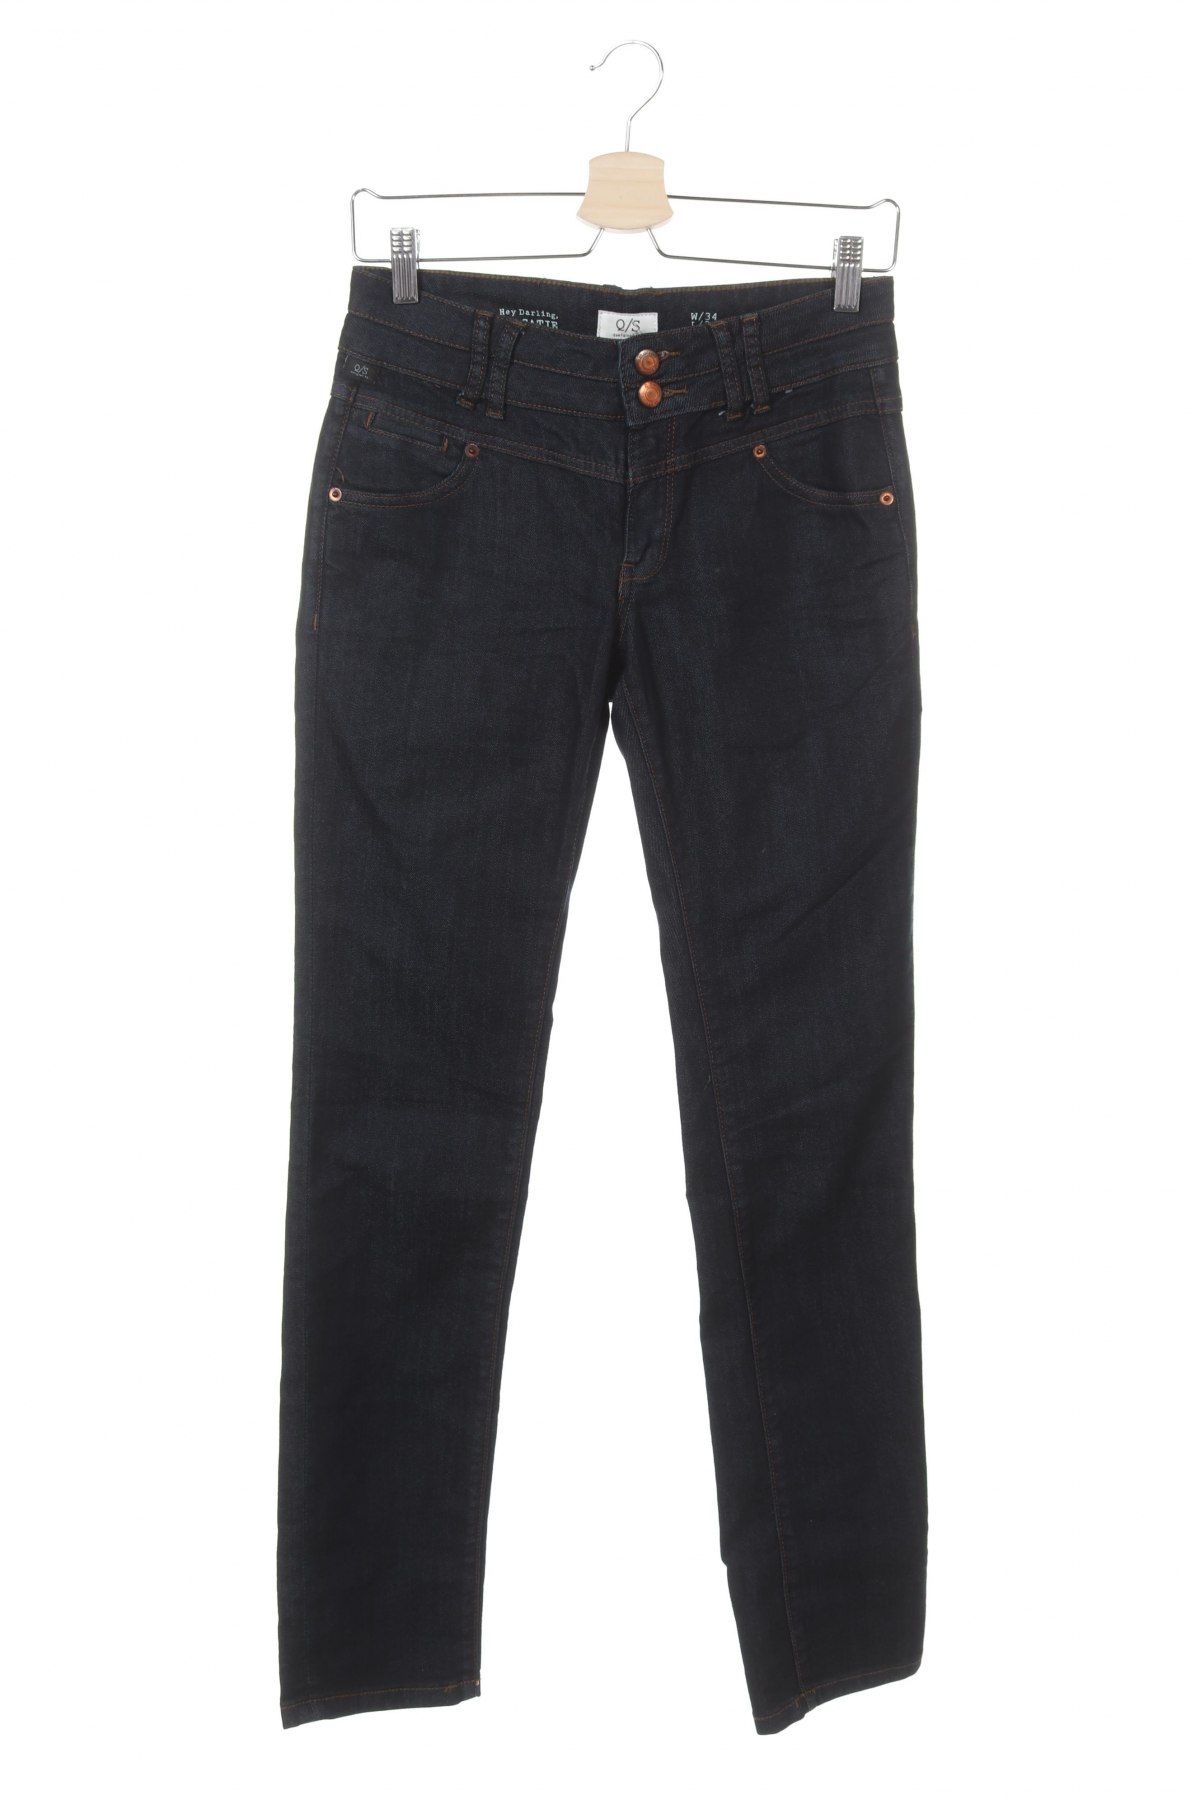 Дамски дънки Q/S by S.Oliver, Размер XS, Цвят Син, 65% памук, 35% полиестер, Цена 25,80лв.